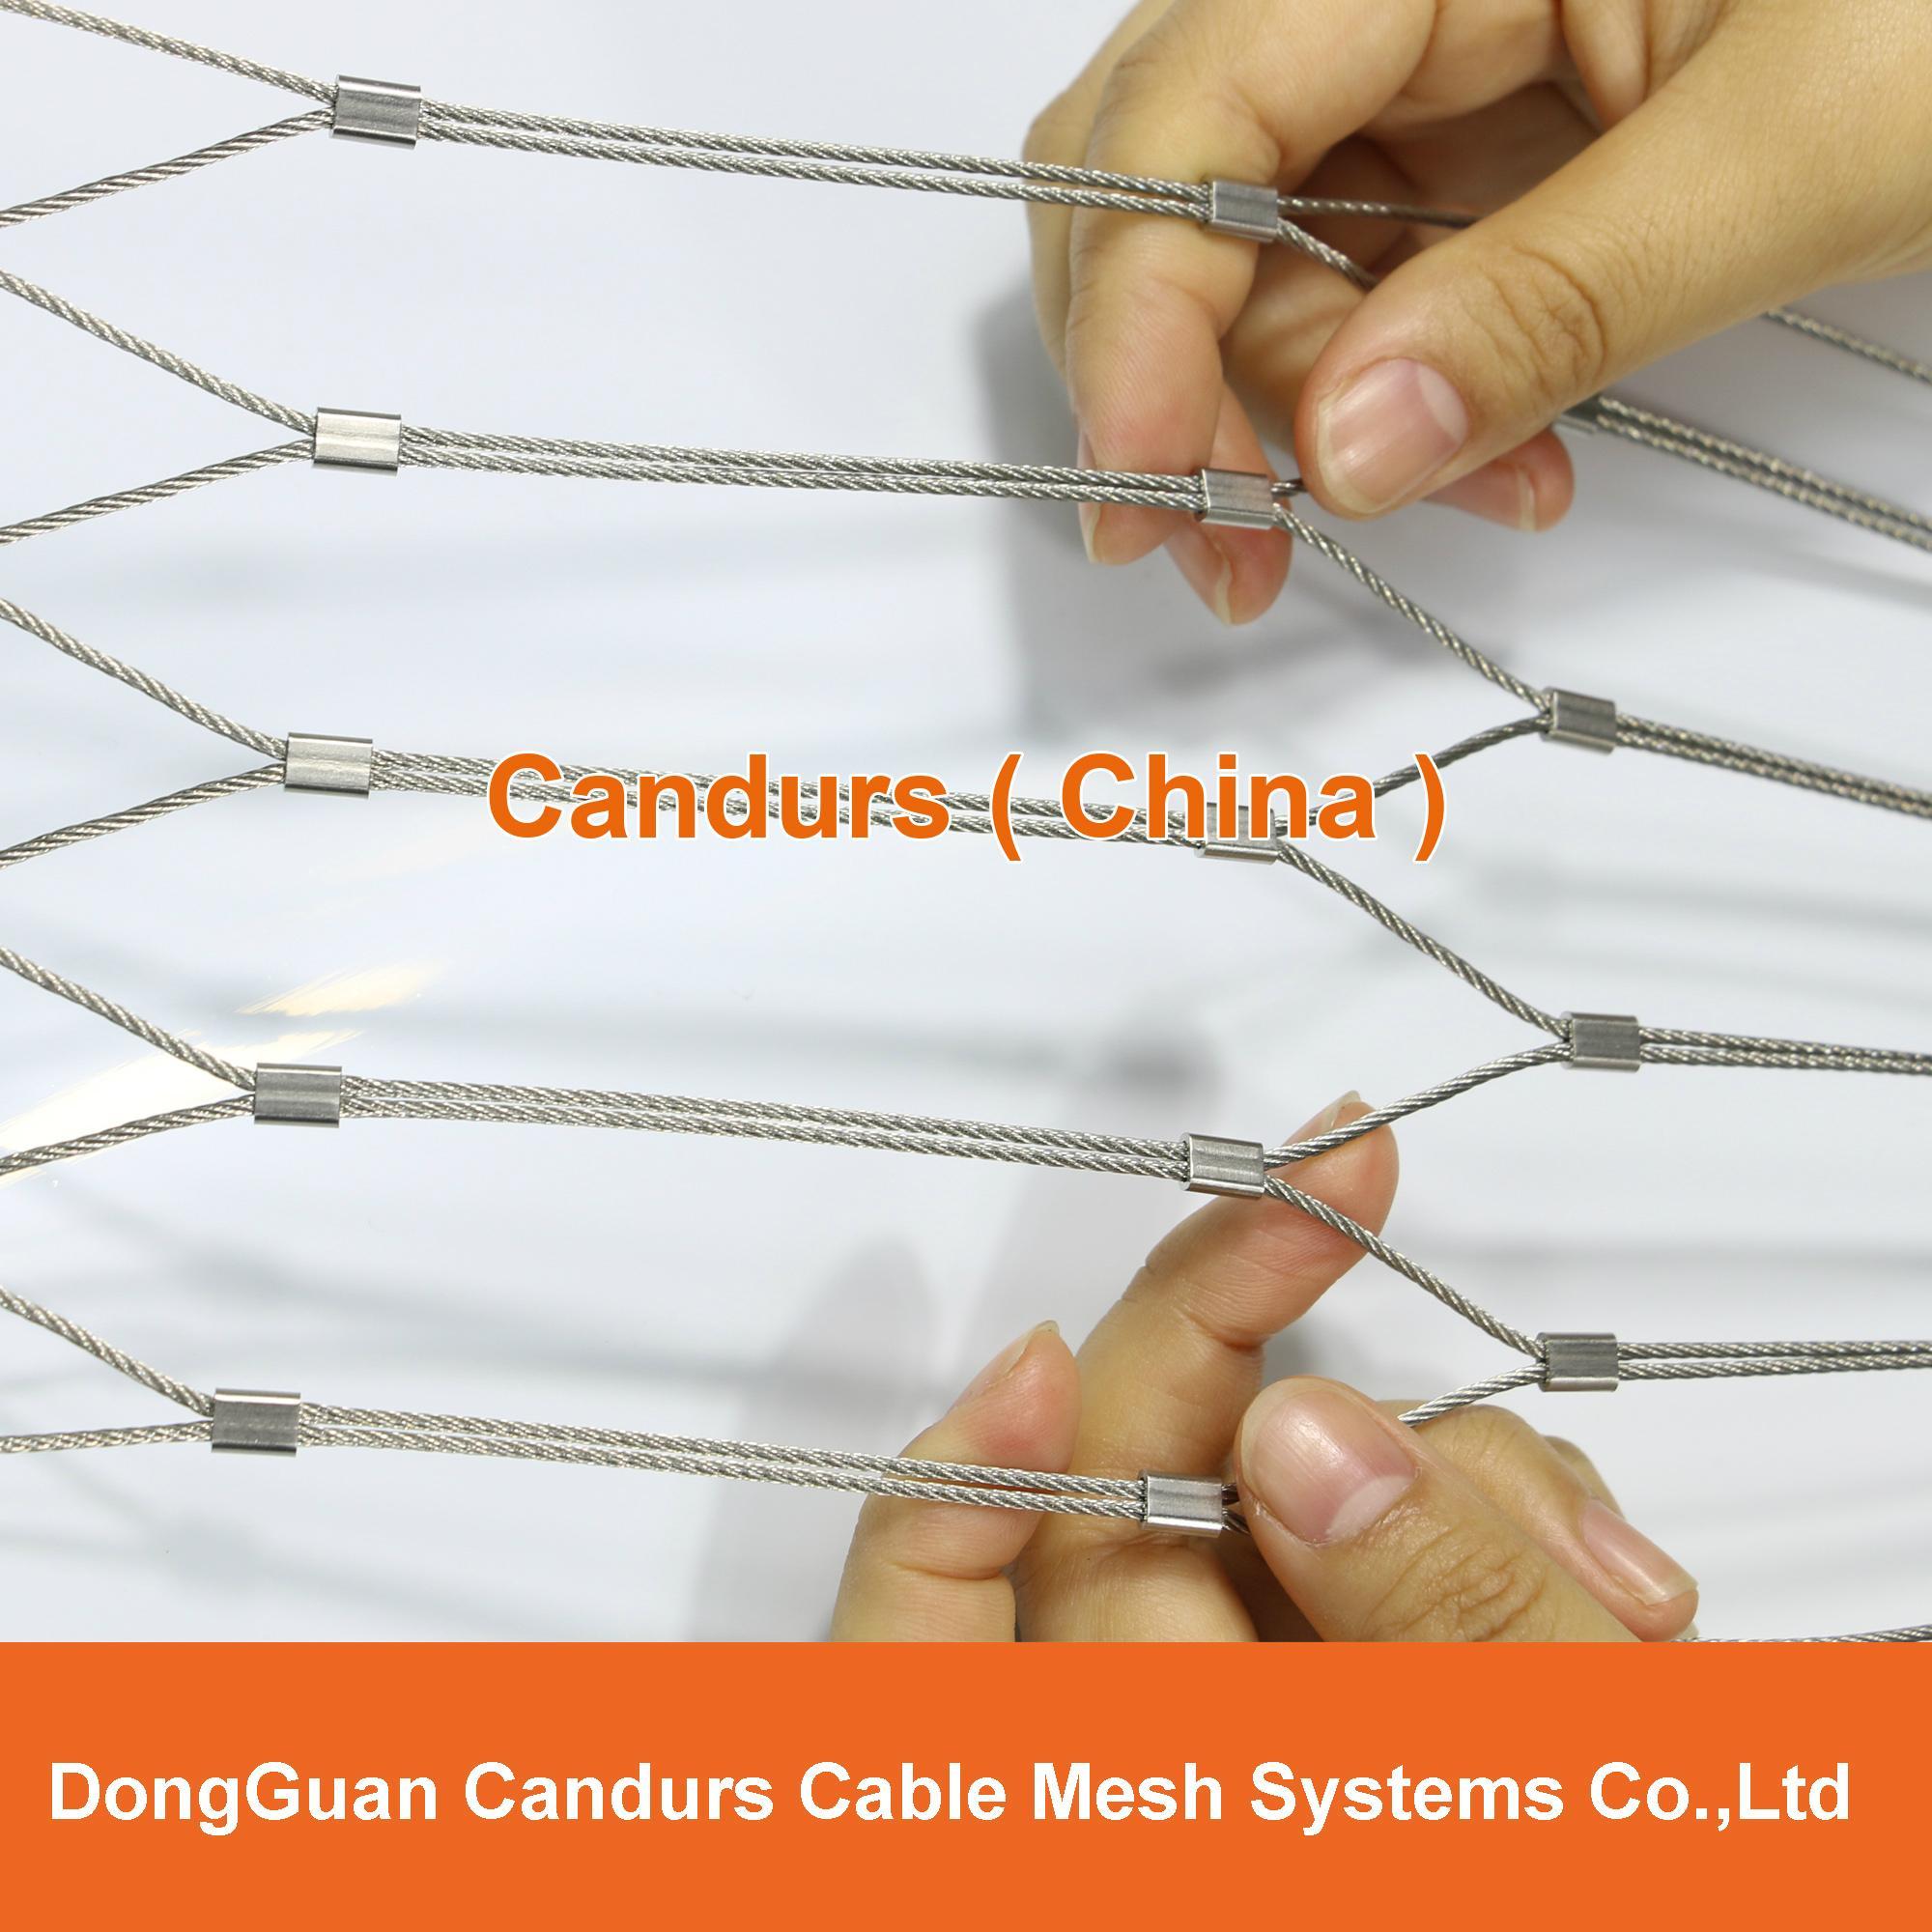 植物攀爬柔性不鏽鋼網 3